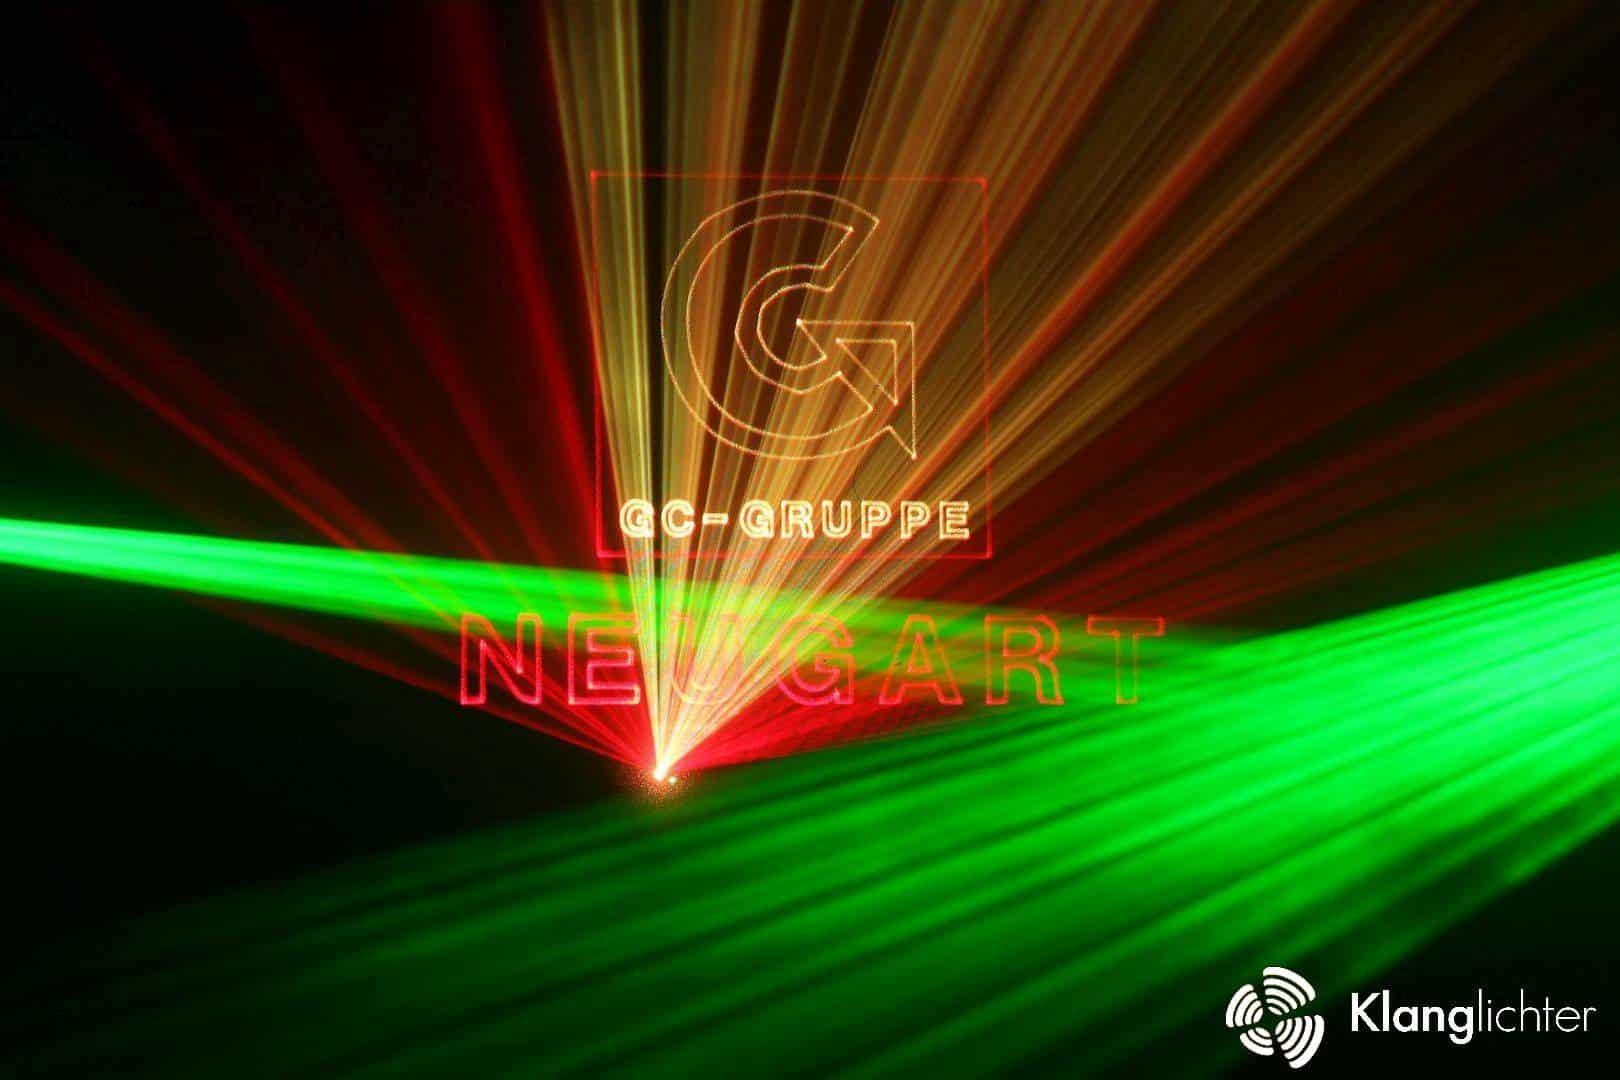 CORPORATE Lasershow: Jubiläumslasershow zur Gala 50 Jahre Neugart